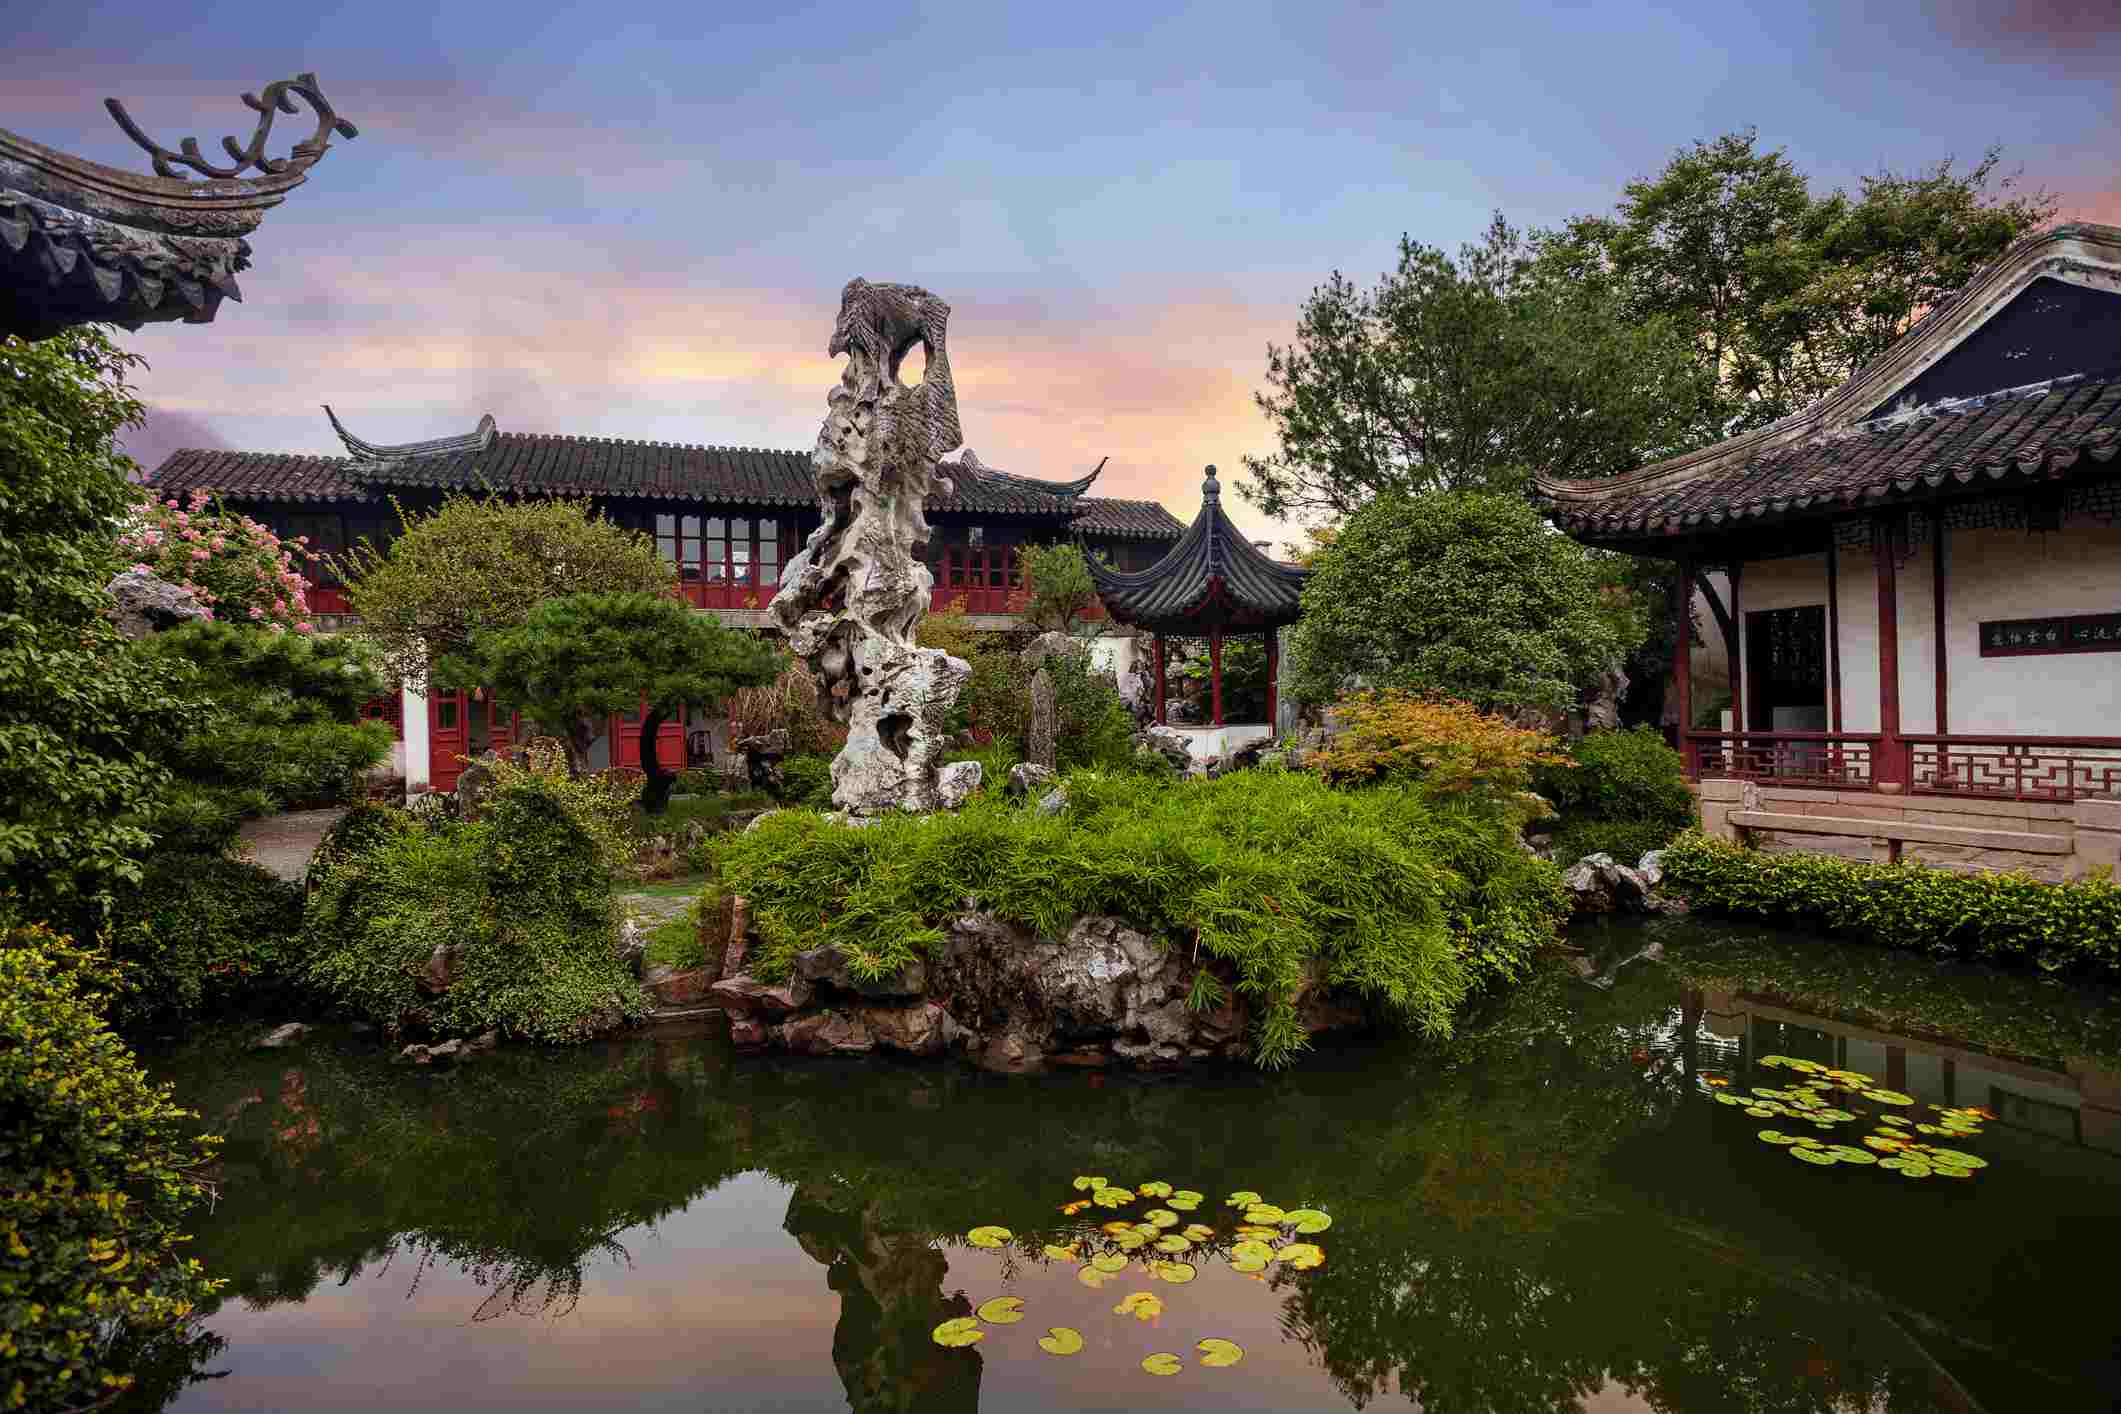 Sozhou, grad sa najlepšim baštama na svetu - Page 2 GettyImages-687783039-5b5de65546e0fb0050bbc0fa